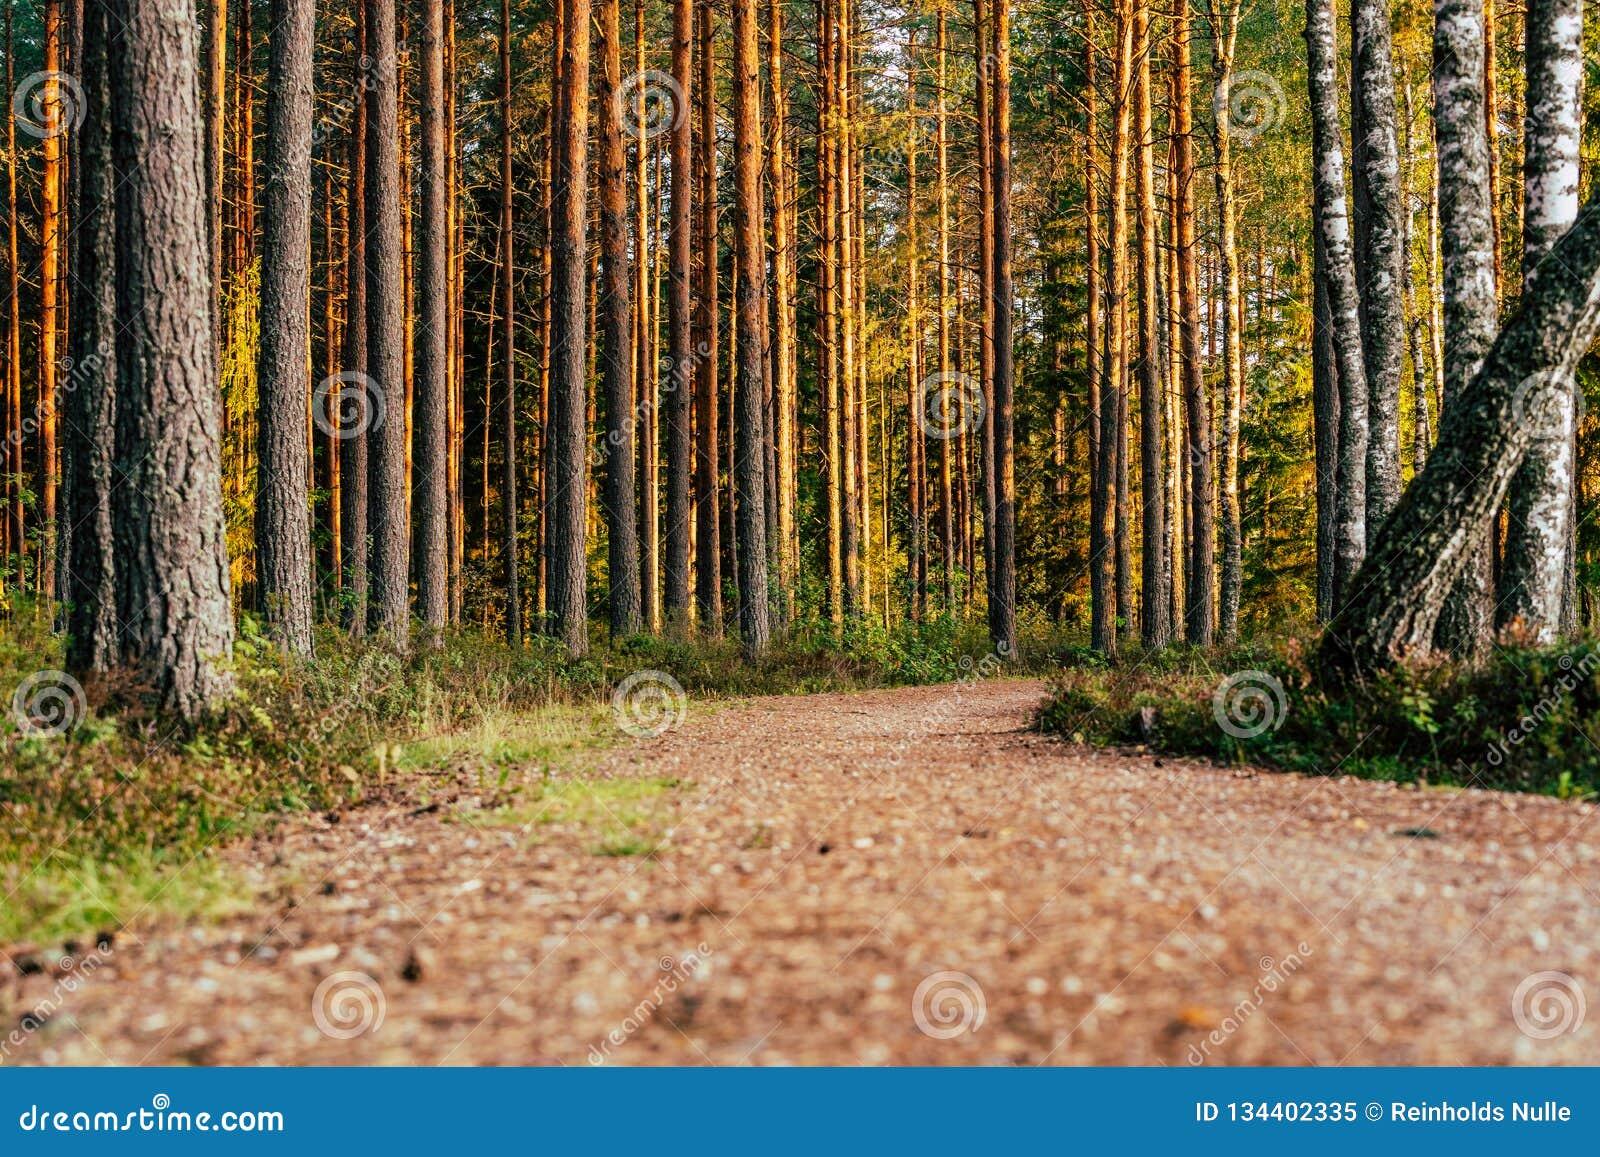 Opinião Forest Road, direção mais profunda nas madeiras